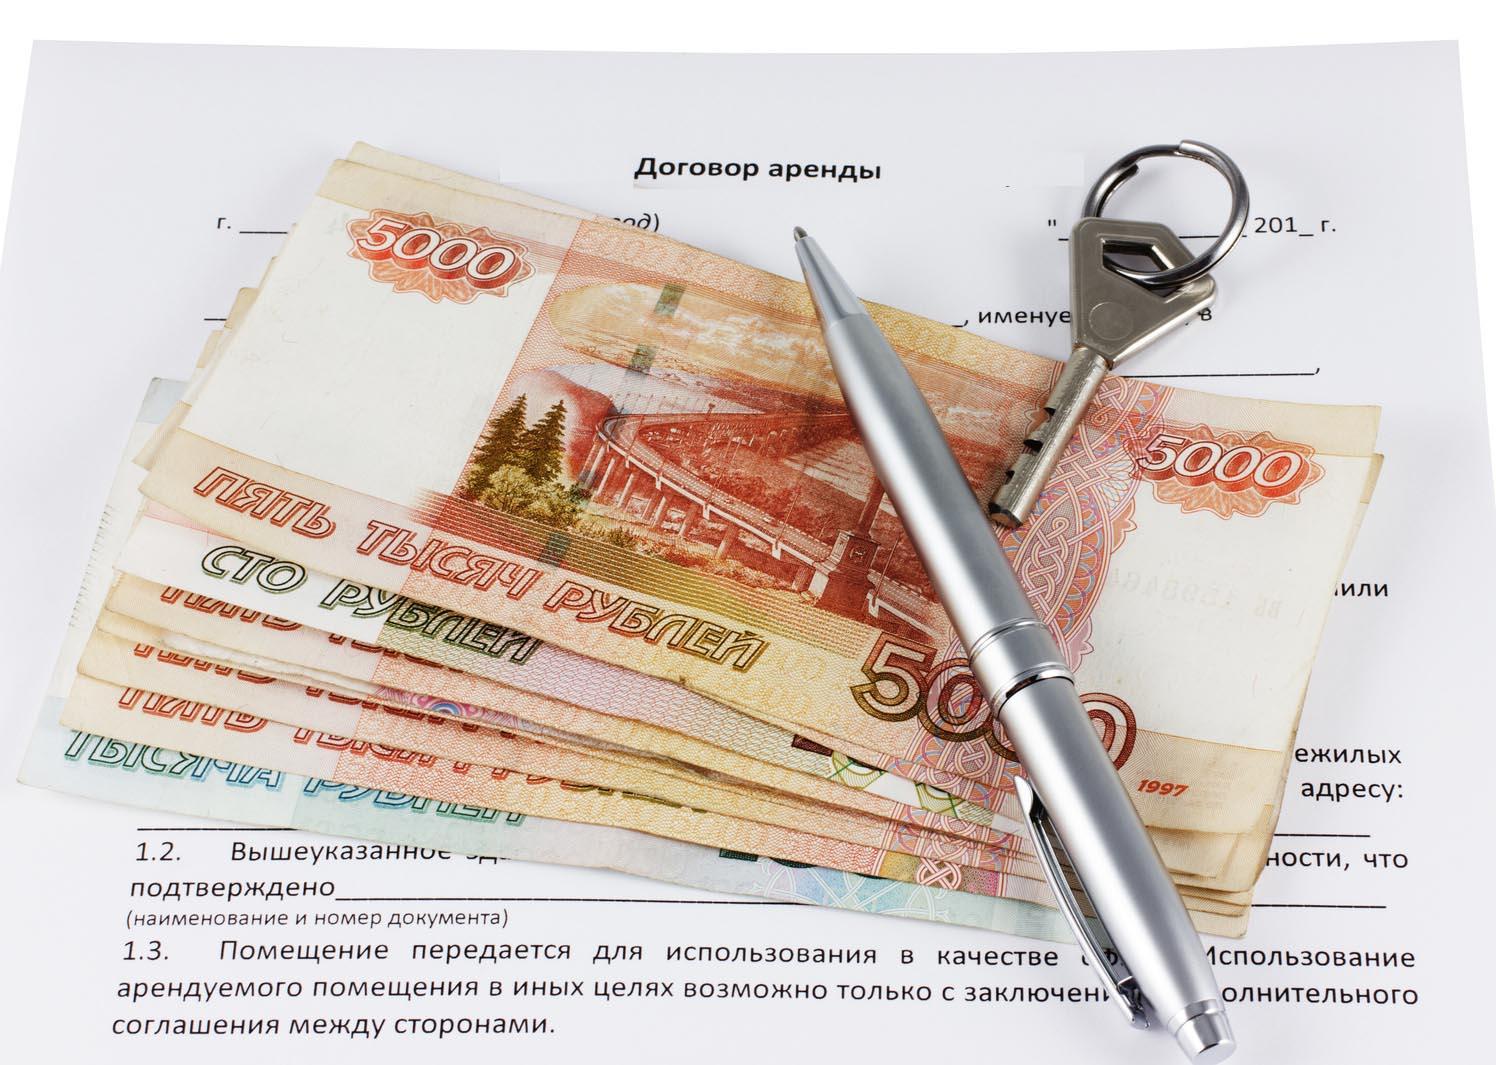 Как официально можно зарегистрировать договор аренды нежилого помещения в Росреестре